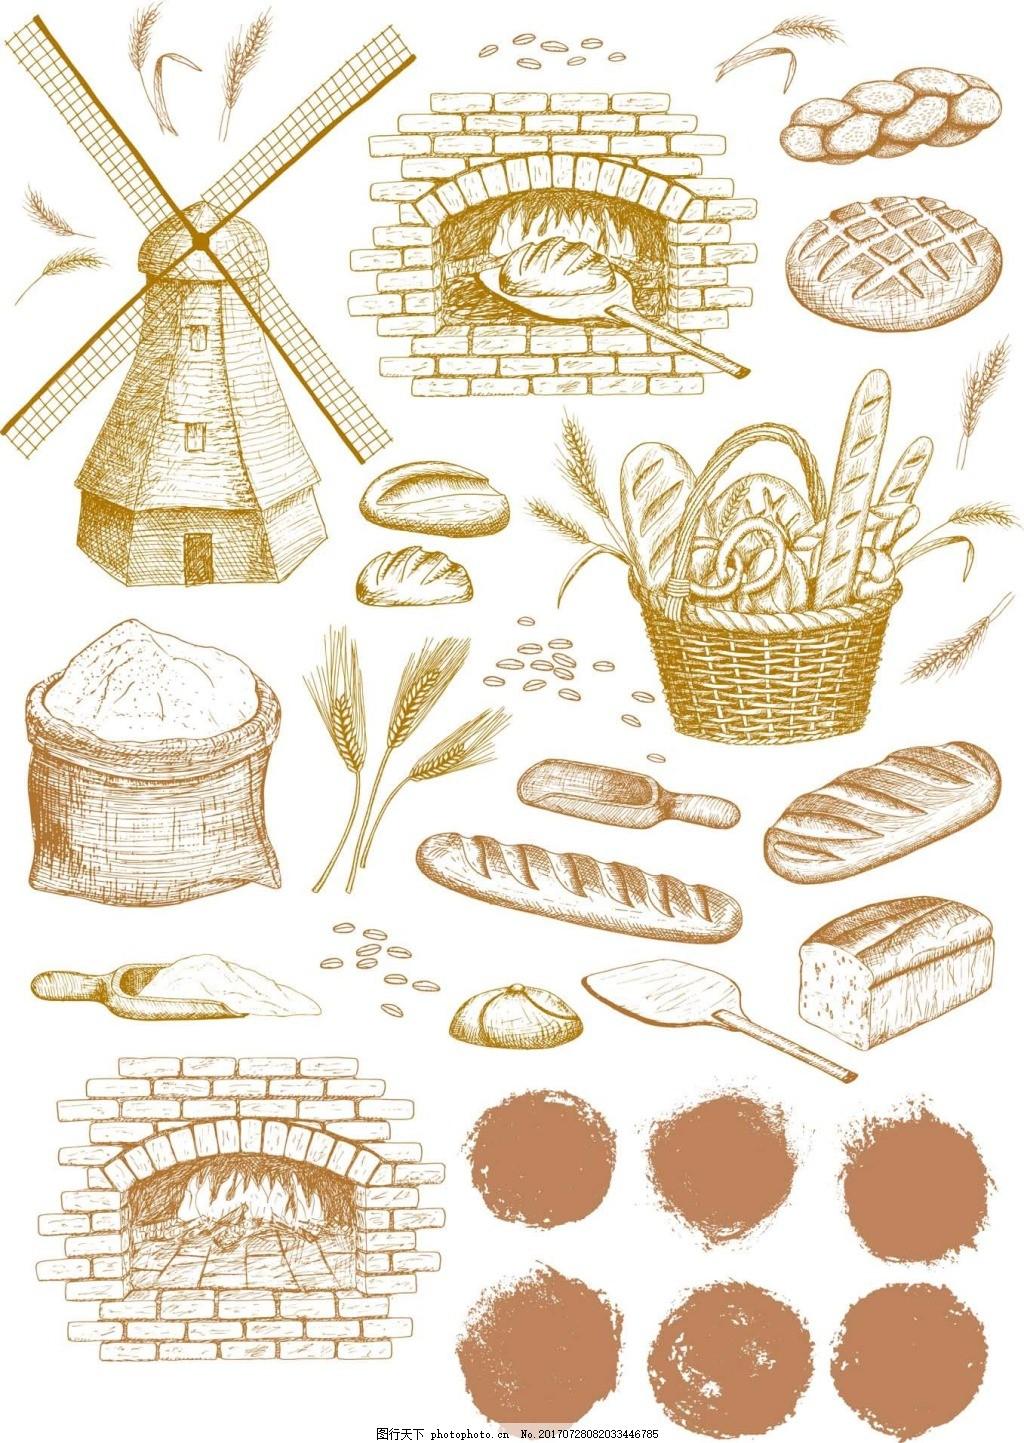 时尚烘焙手绘插画 风车 小麦 面包 面粉 烘烤炉 全麦 烘焙 手绘 蛋糕